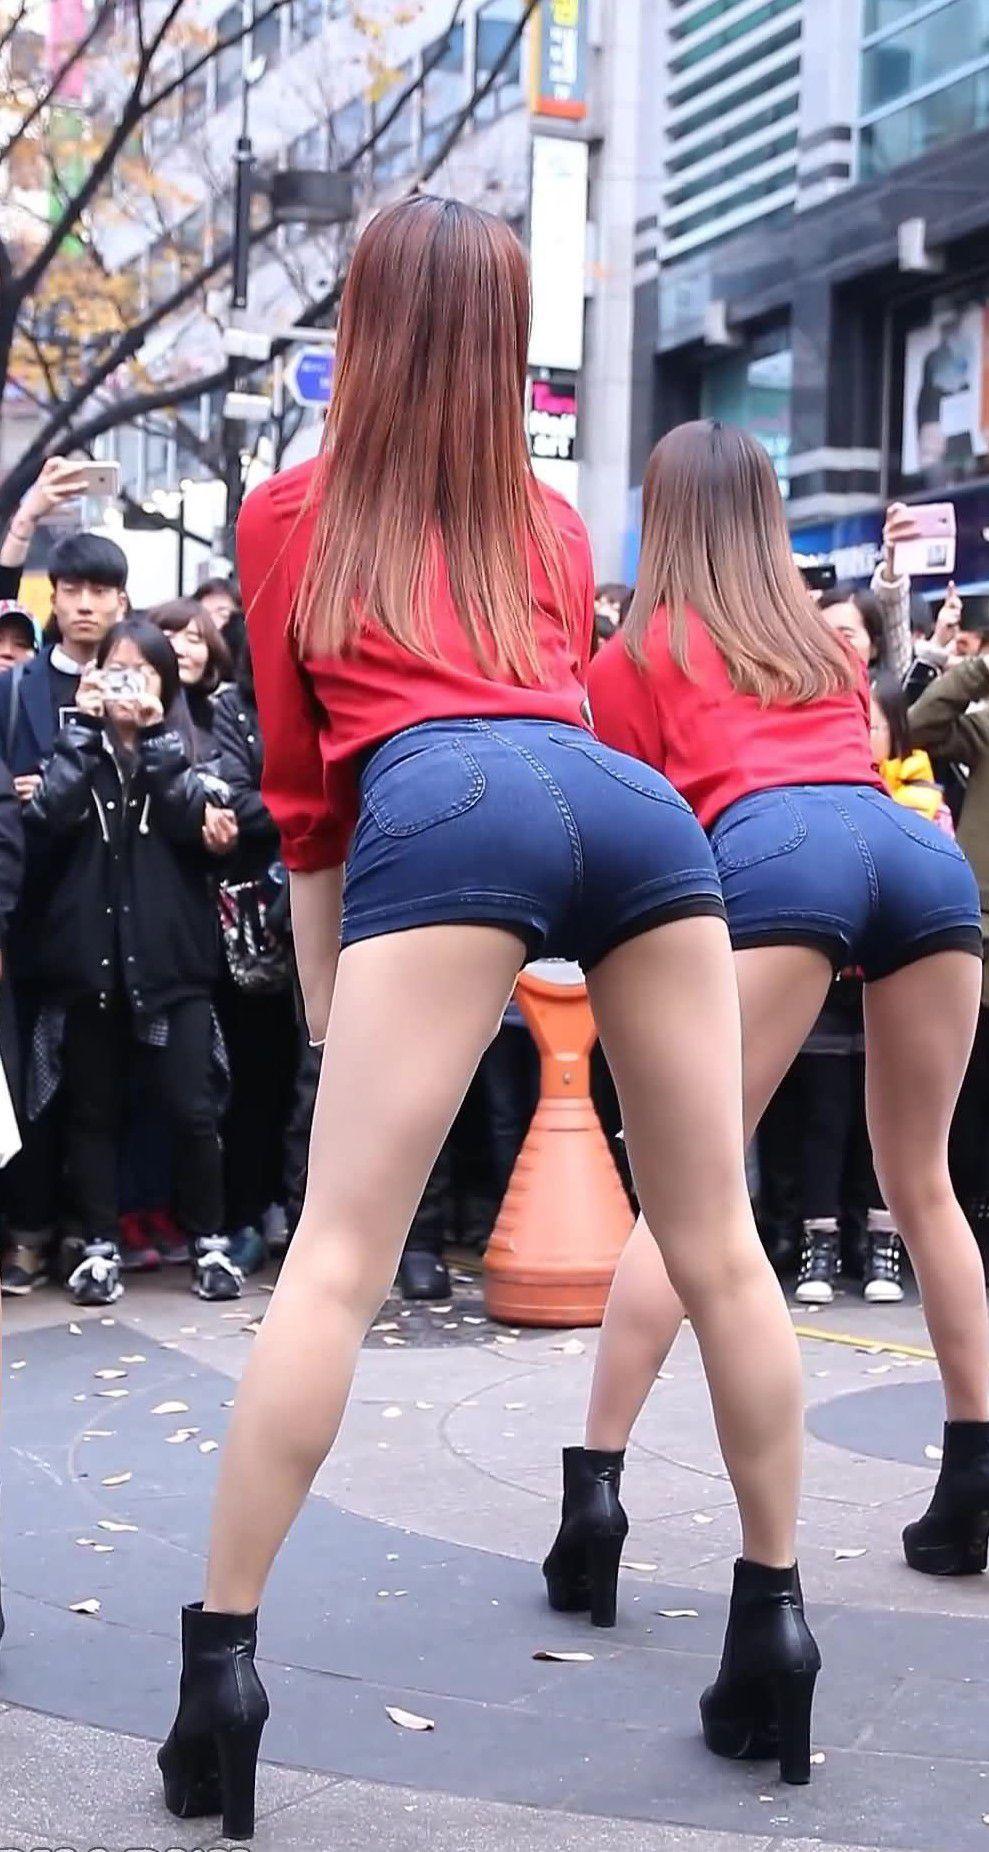 彰显清凉的短裤, 穿出青春动感魅力! 4